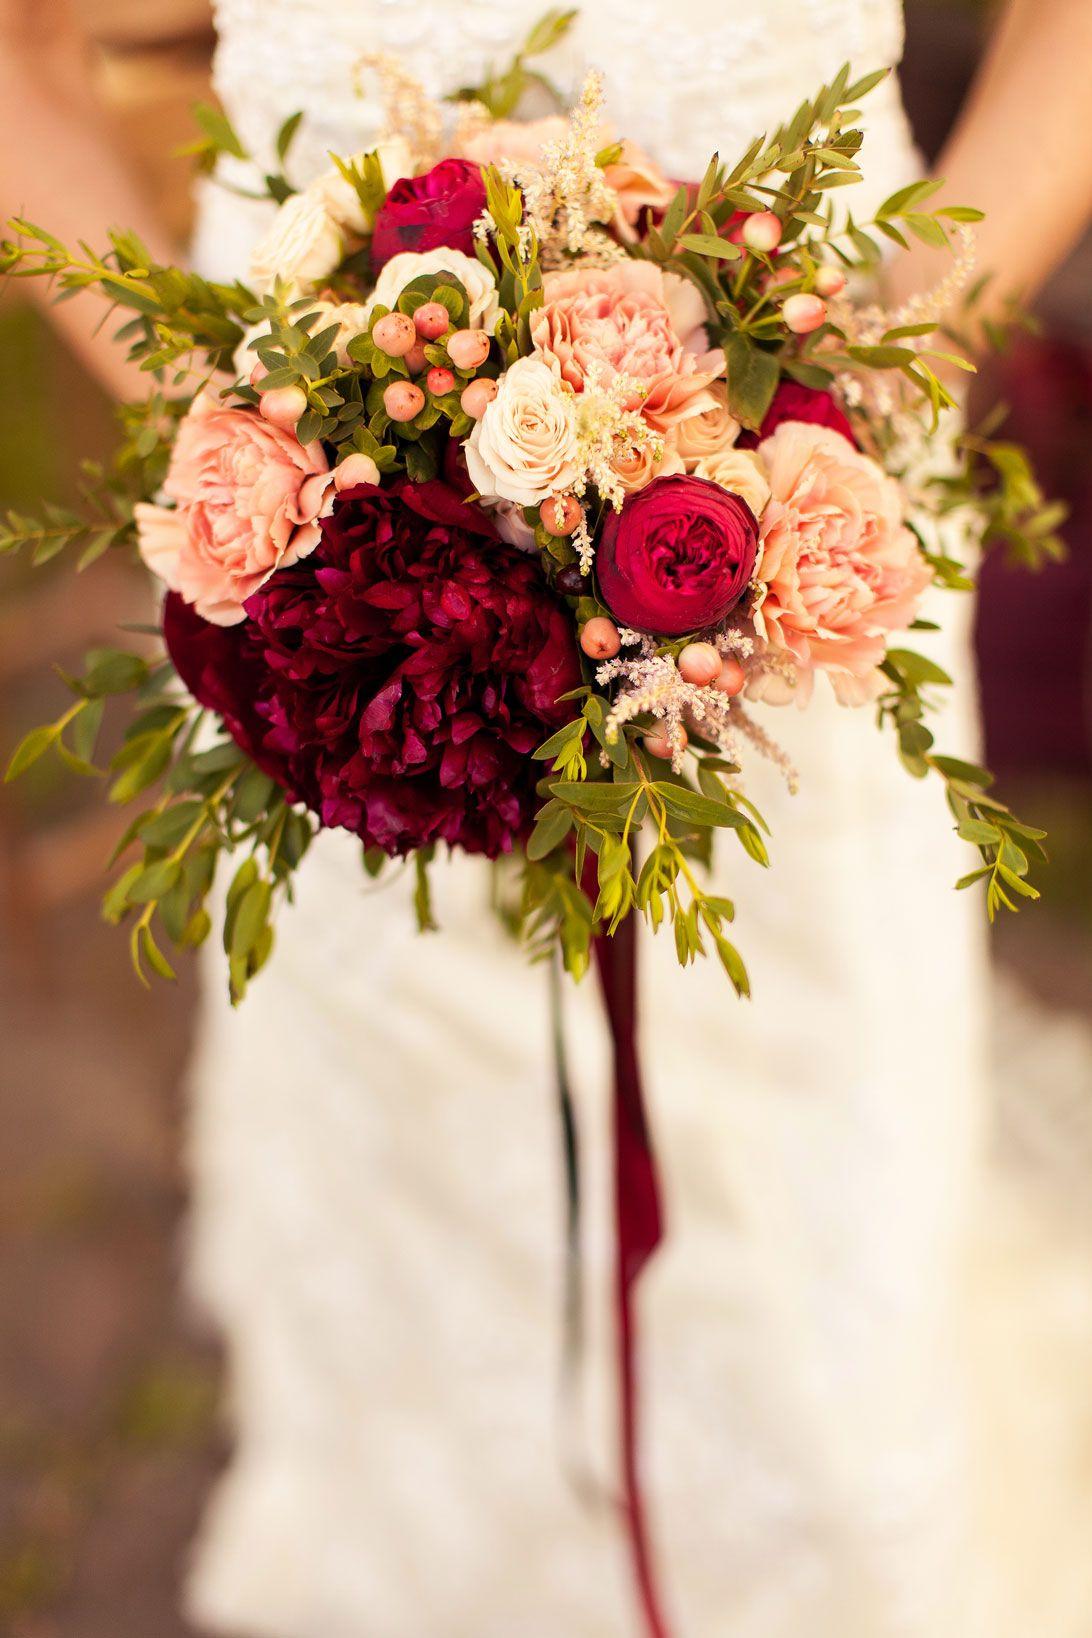 bride's bouquet, wedding ceremony,  bride, newlyweds, букет невесты, цветы, свадебный букет, молодожены